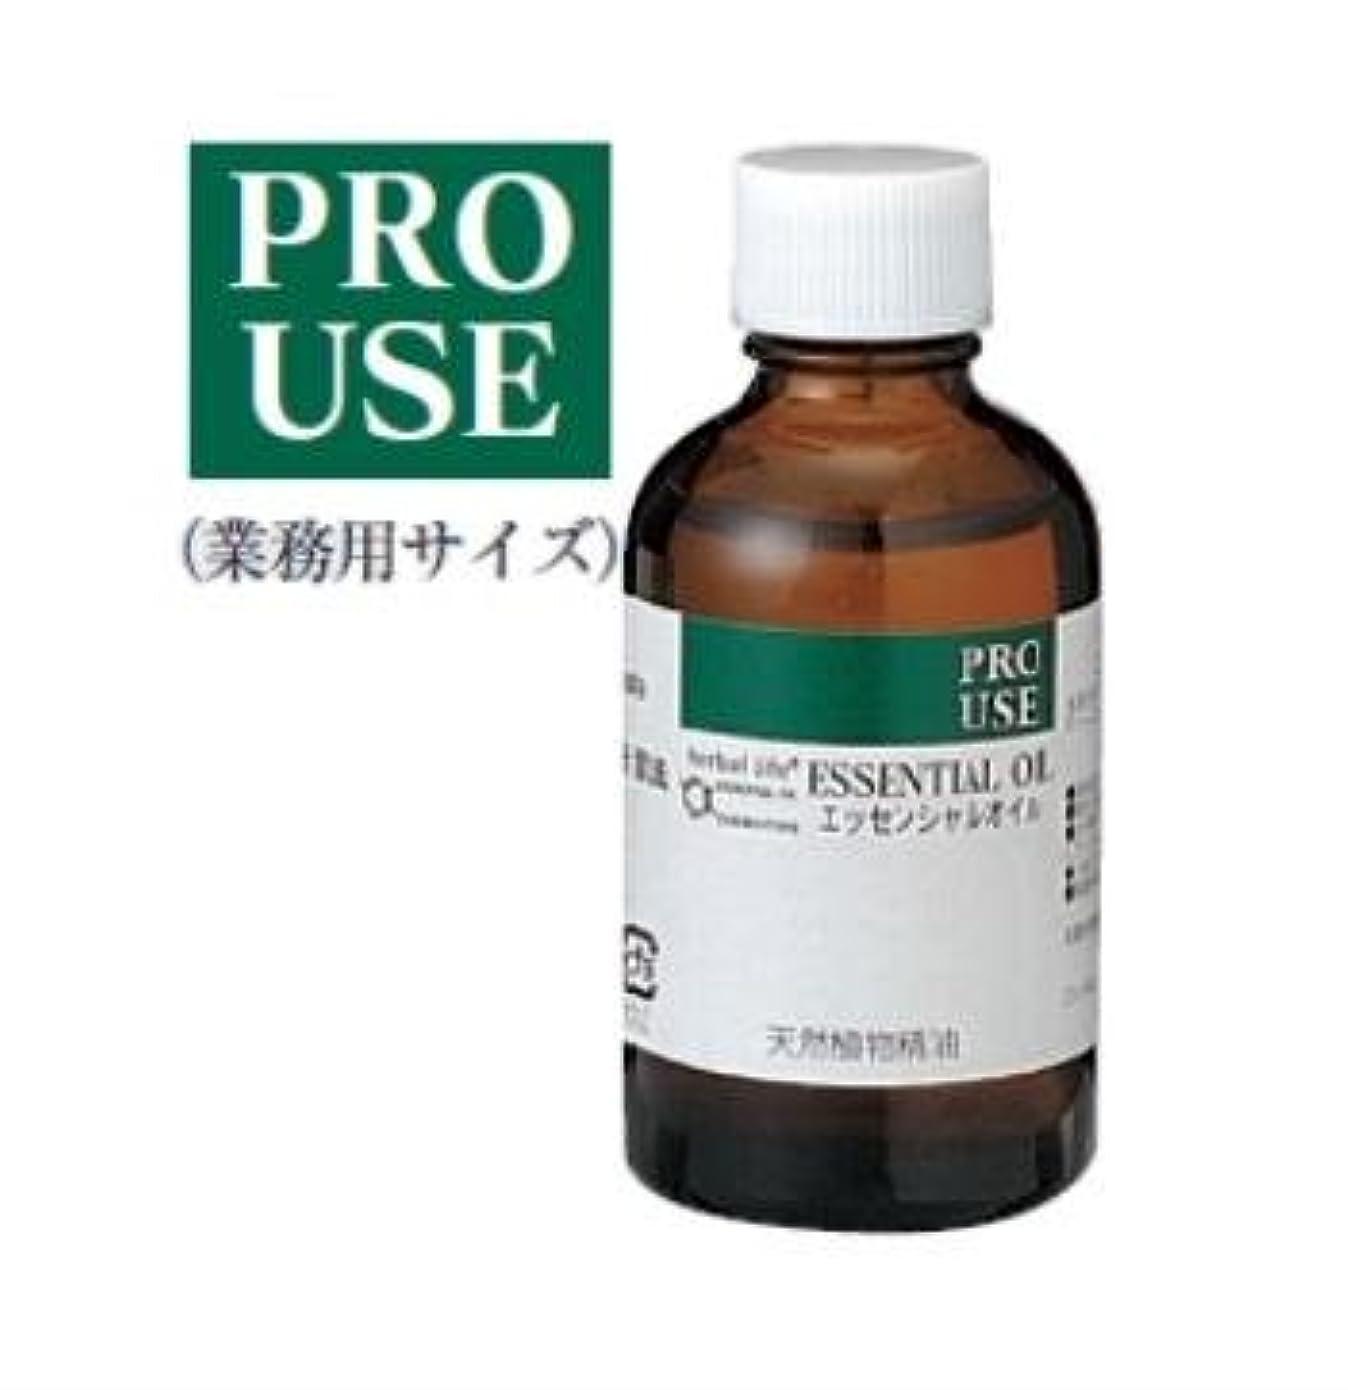 漂流抑制軽食生活の木 エッセンシャルオイル ゼラニウム 精油 50ml アロマオイル アロマ